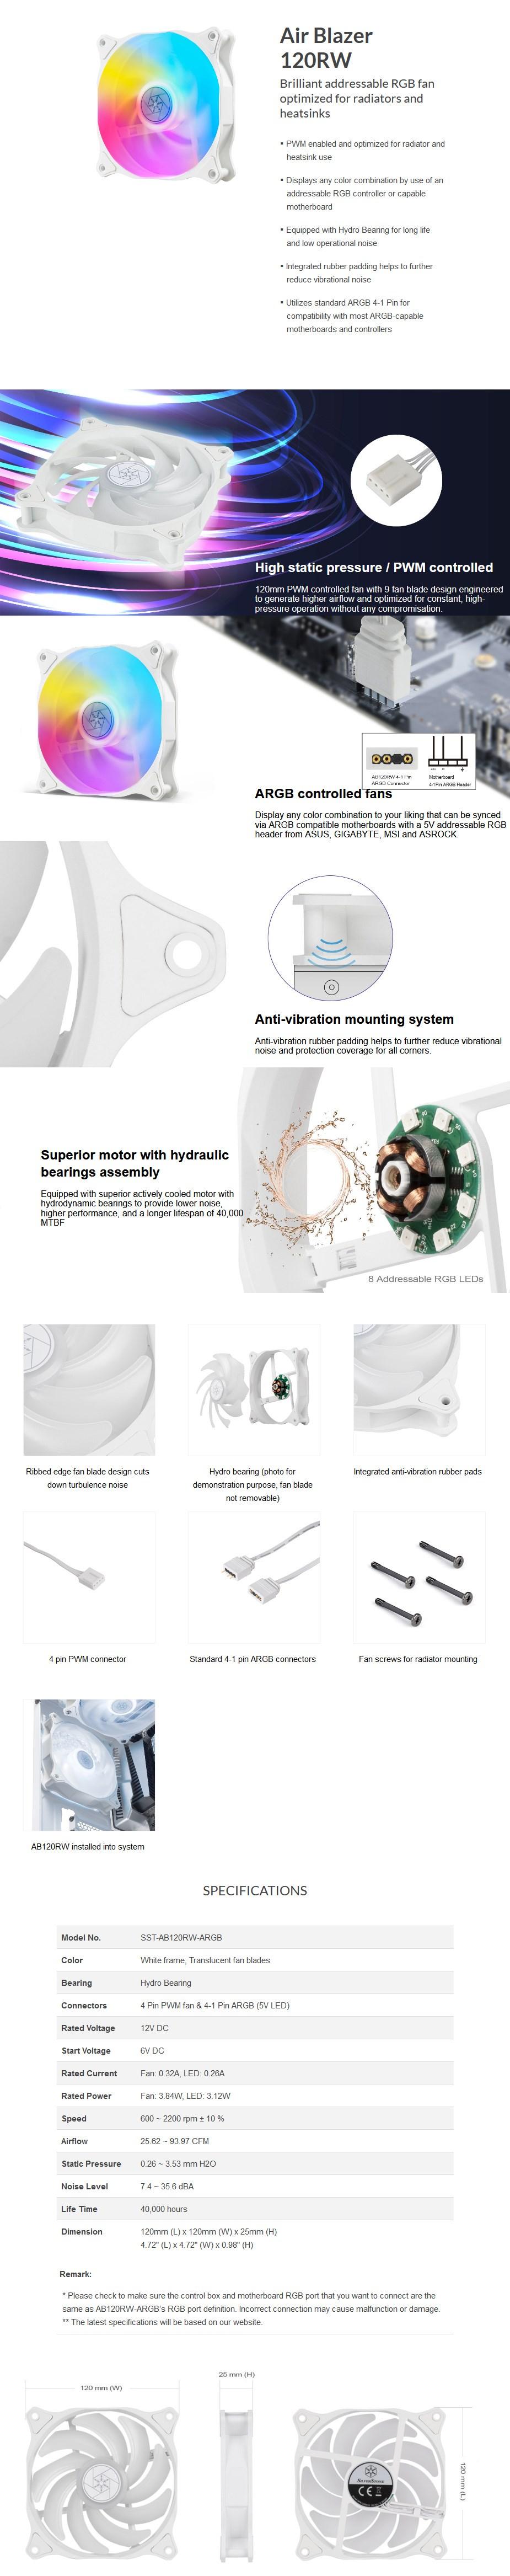 silverstone-air-blazer-120r-120mm-argb-pwm-case-fan-white-ac40035-8.jpg